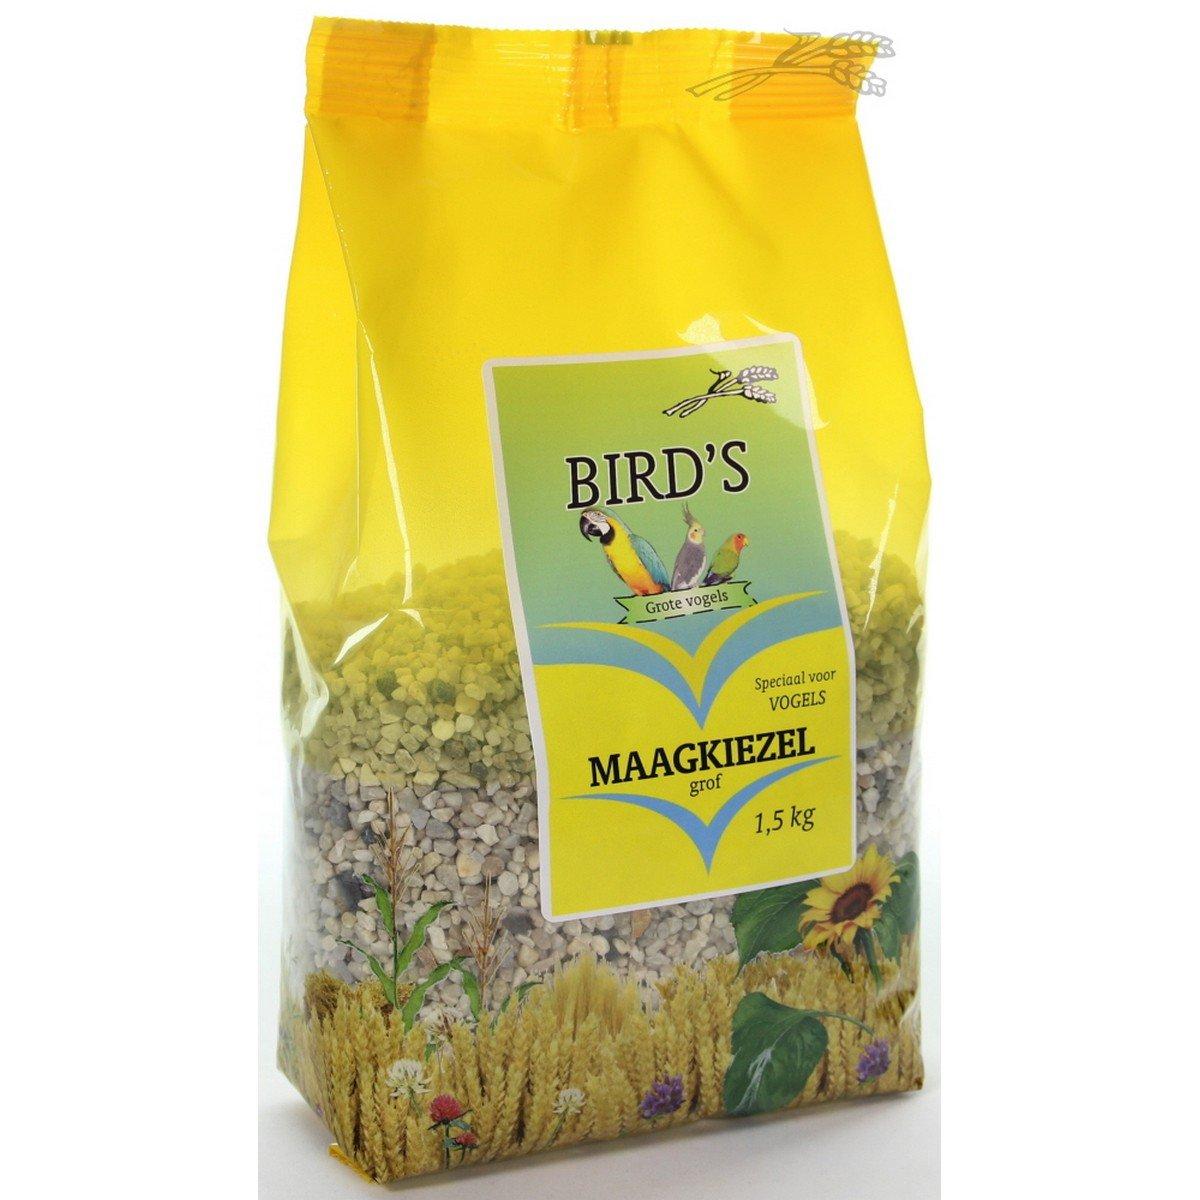 Afbeelding van Birds Maagkiezel 1,5kg Grof